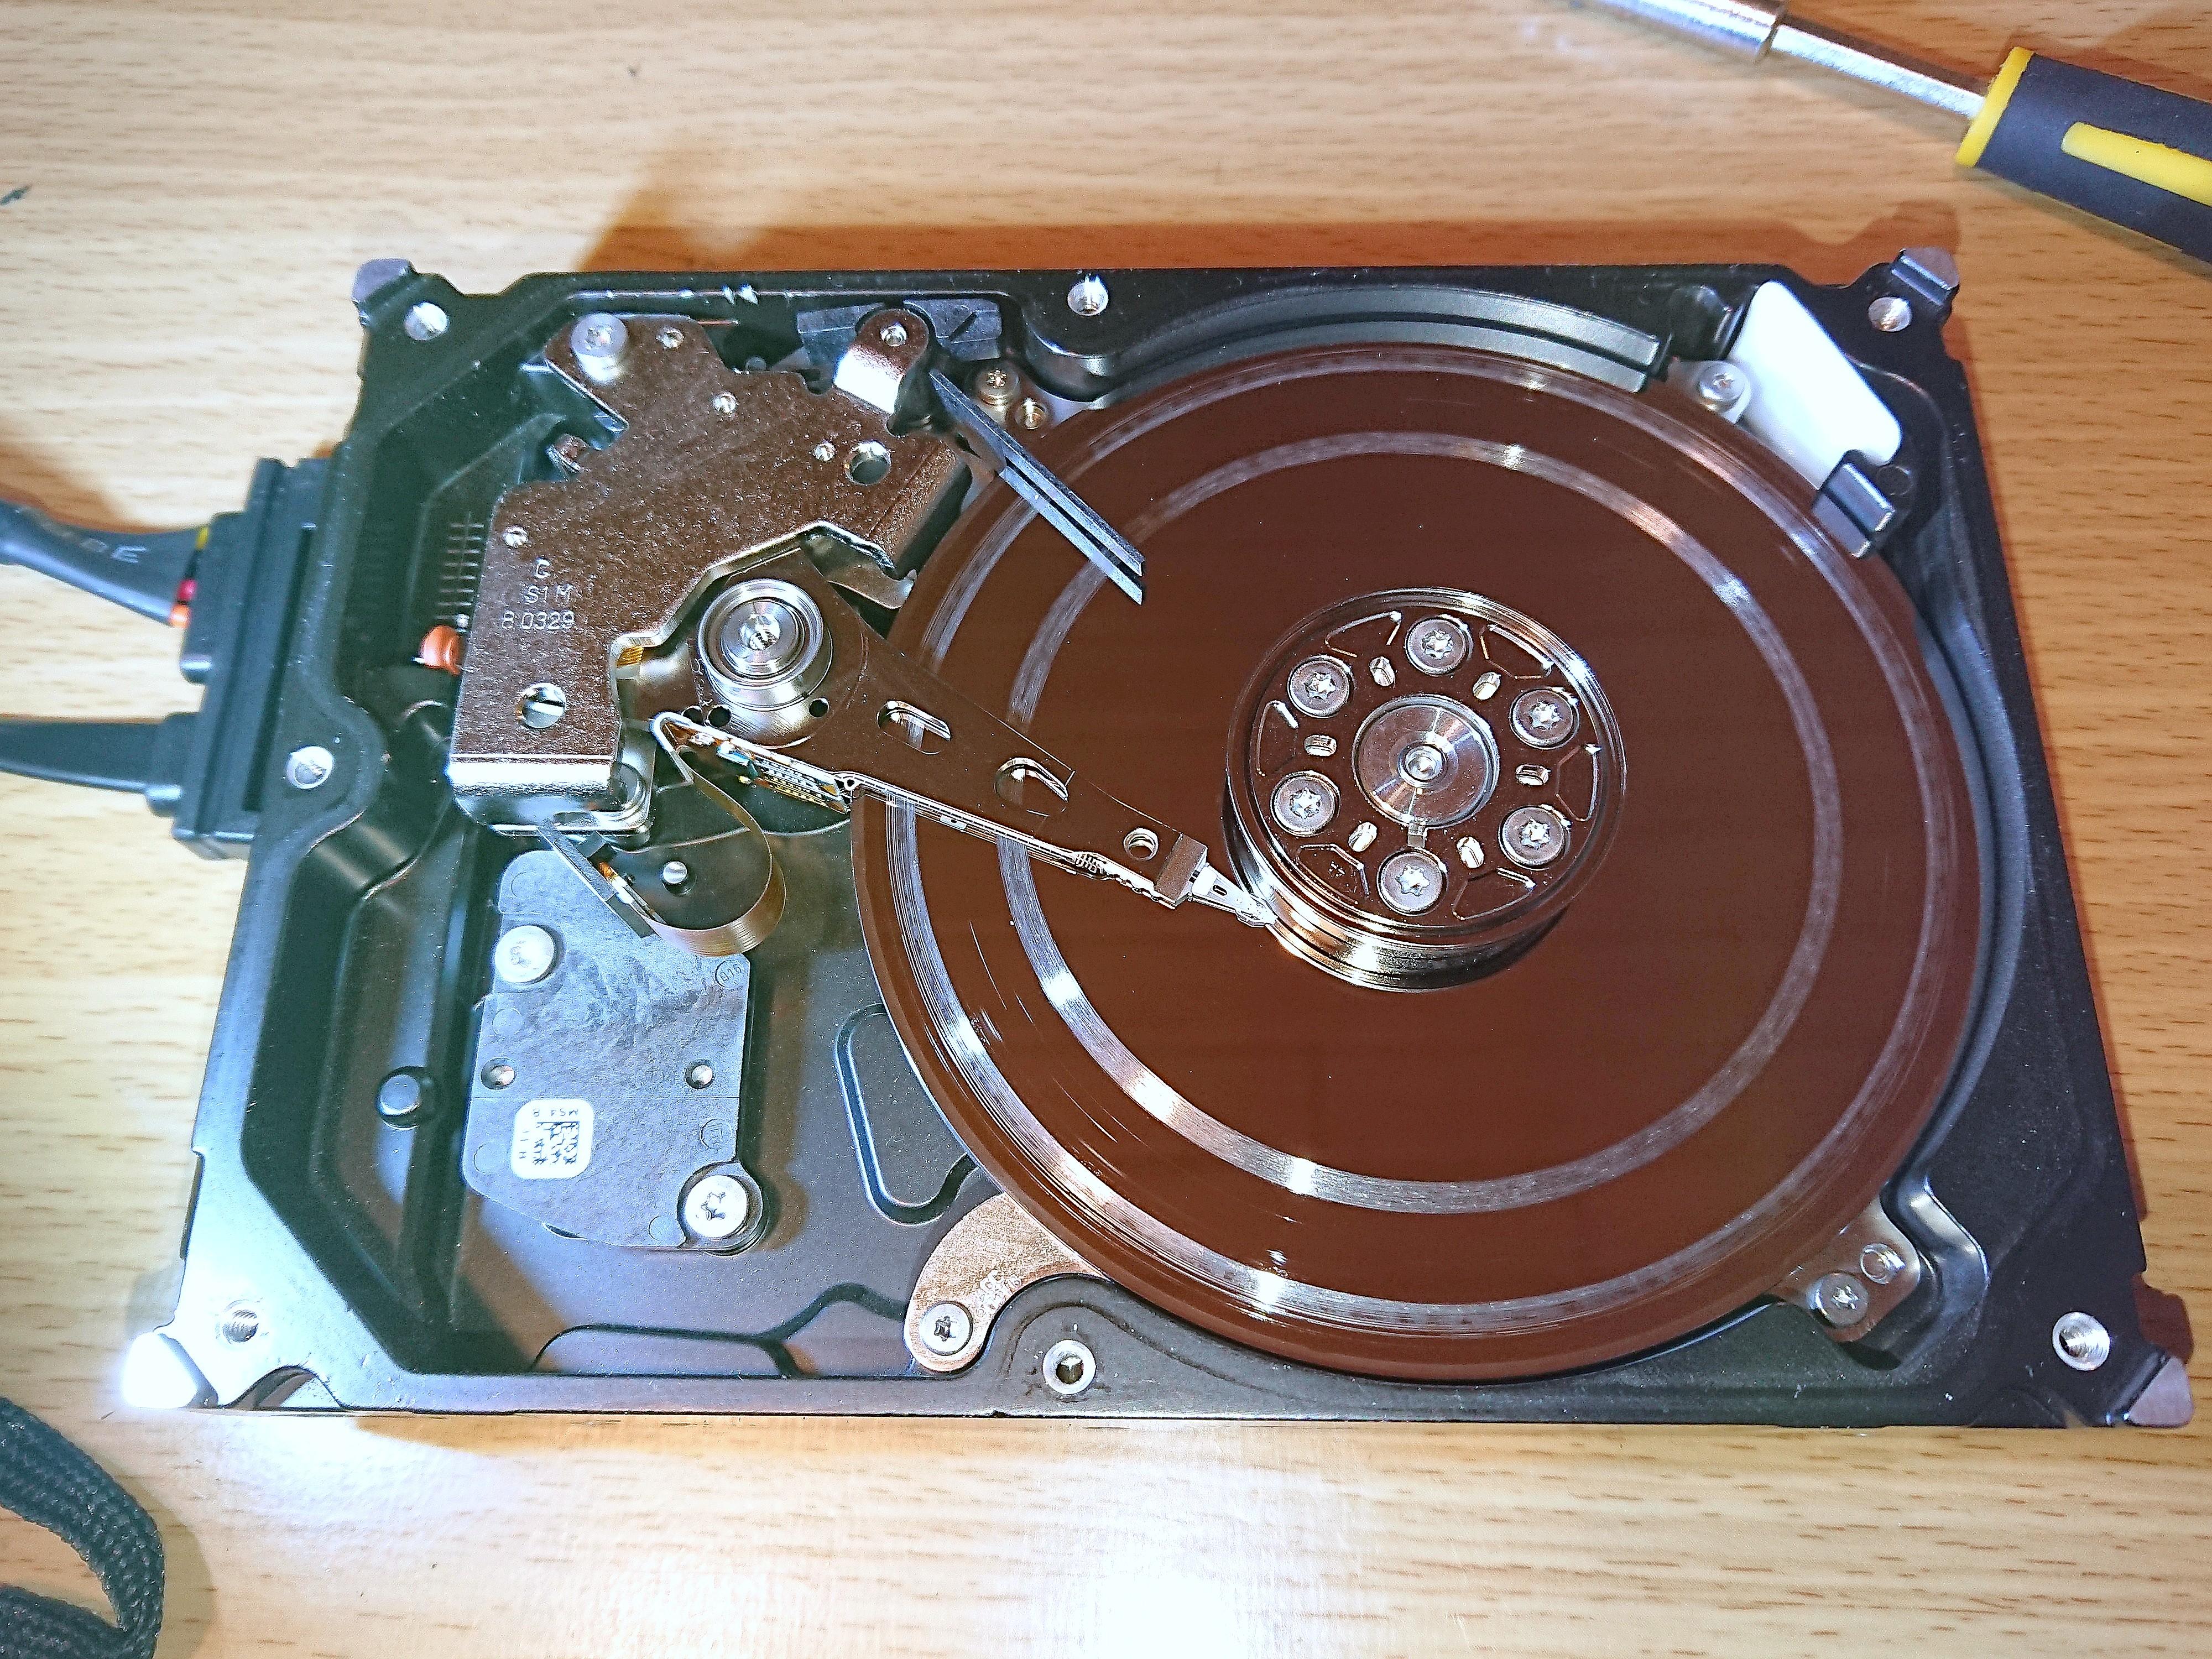 Das kann passieren, wenn man selber versucht die Festplatte ohne Reinraum zu retten - Lassen Sie uns dies machen, wir sind die Spezialisten